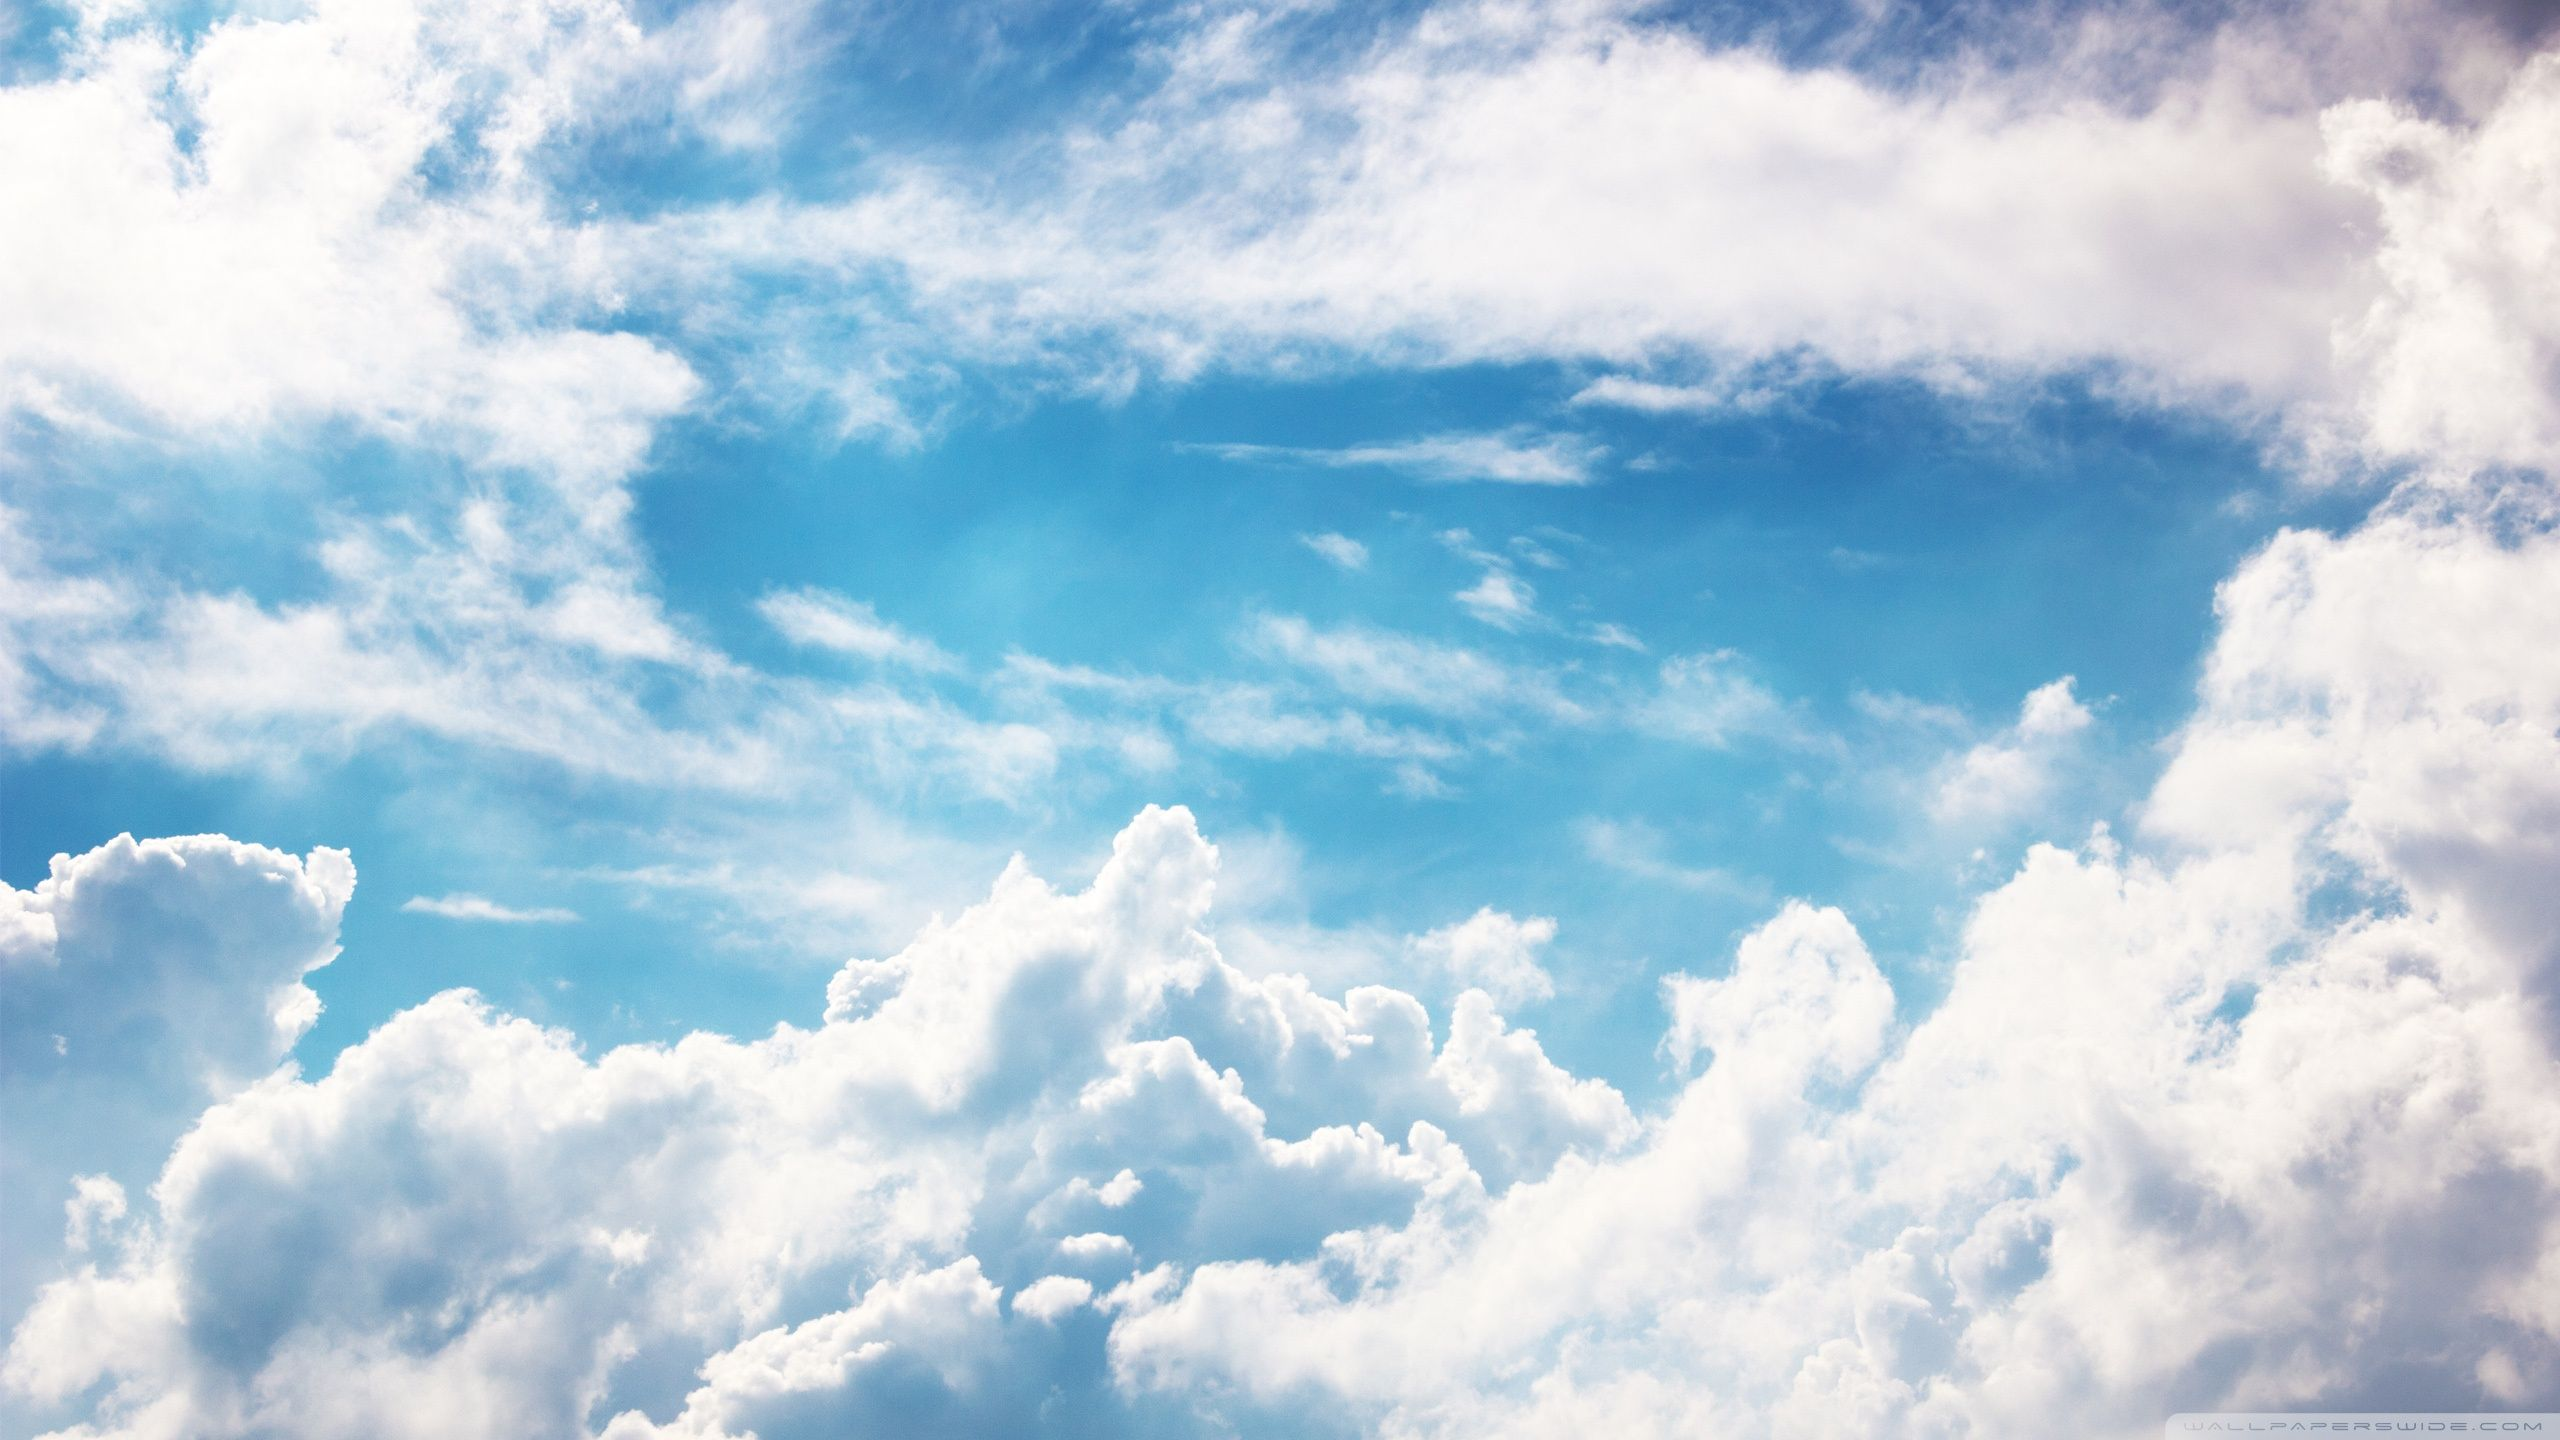 Access cherish.artmodeling-studios.net. Top sky